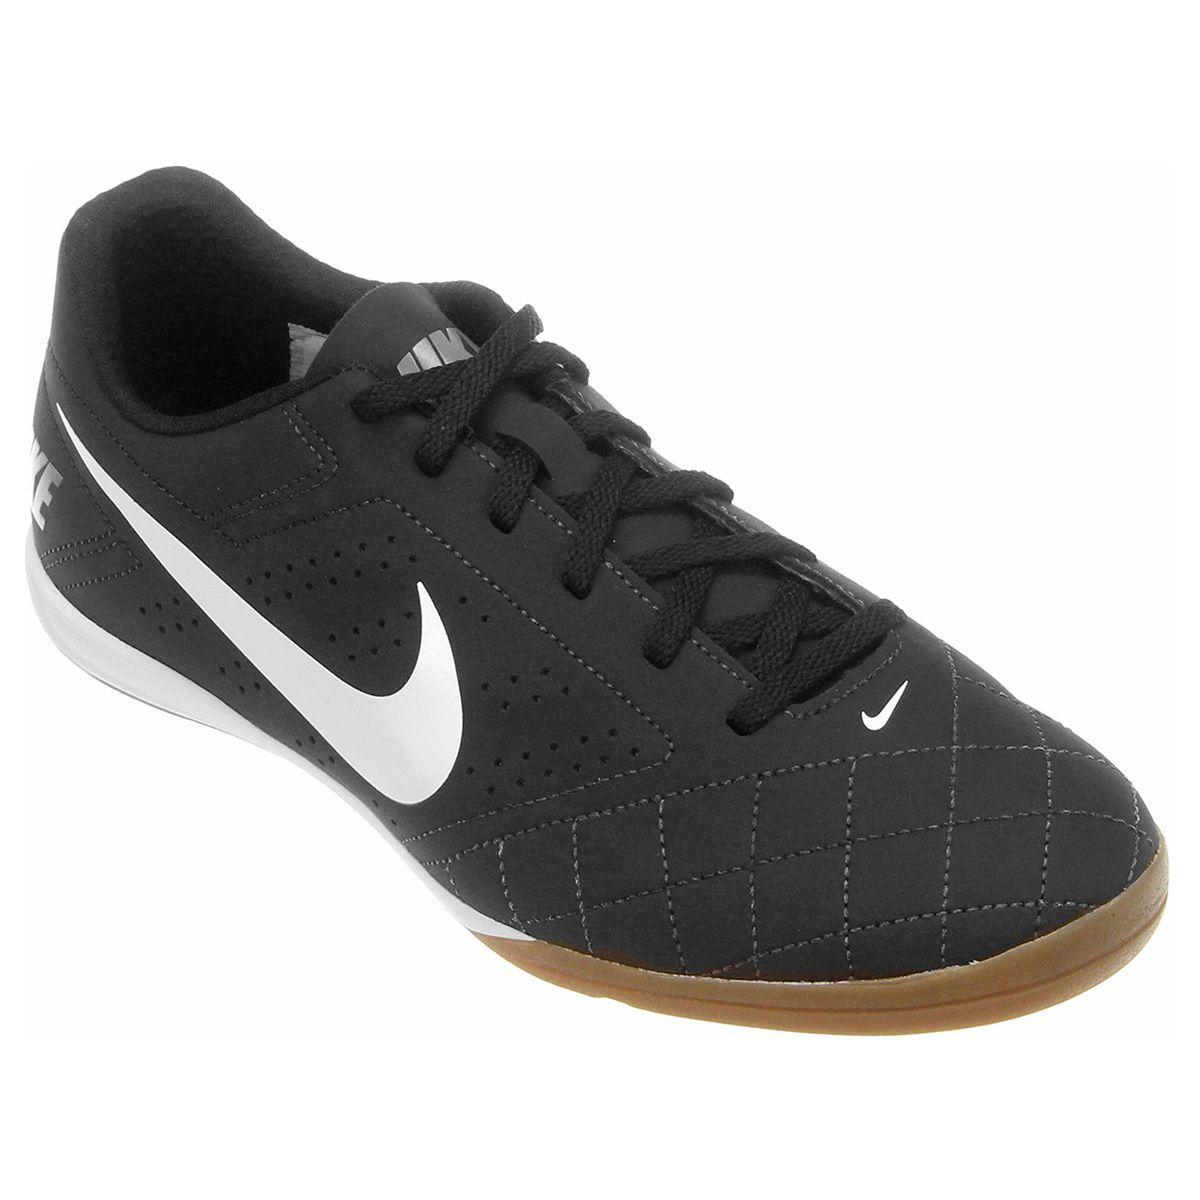 Chuteira Tênis Futsal Nike Beco 2 Futsal Masculina